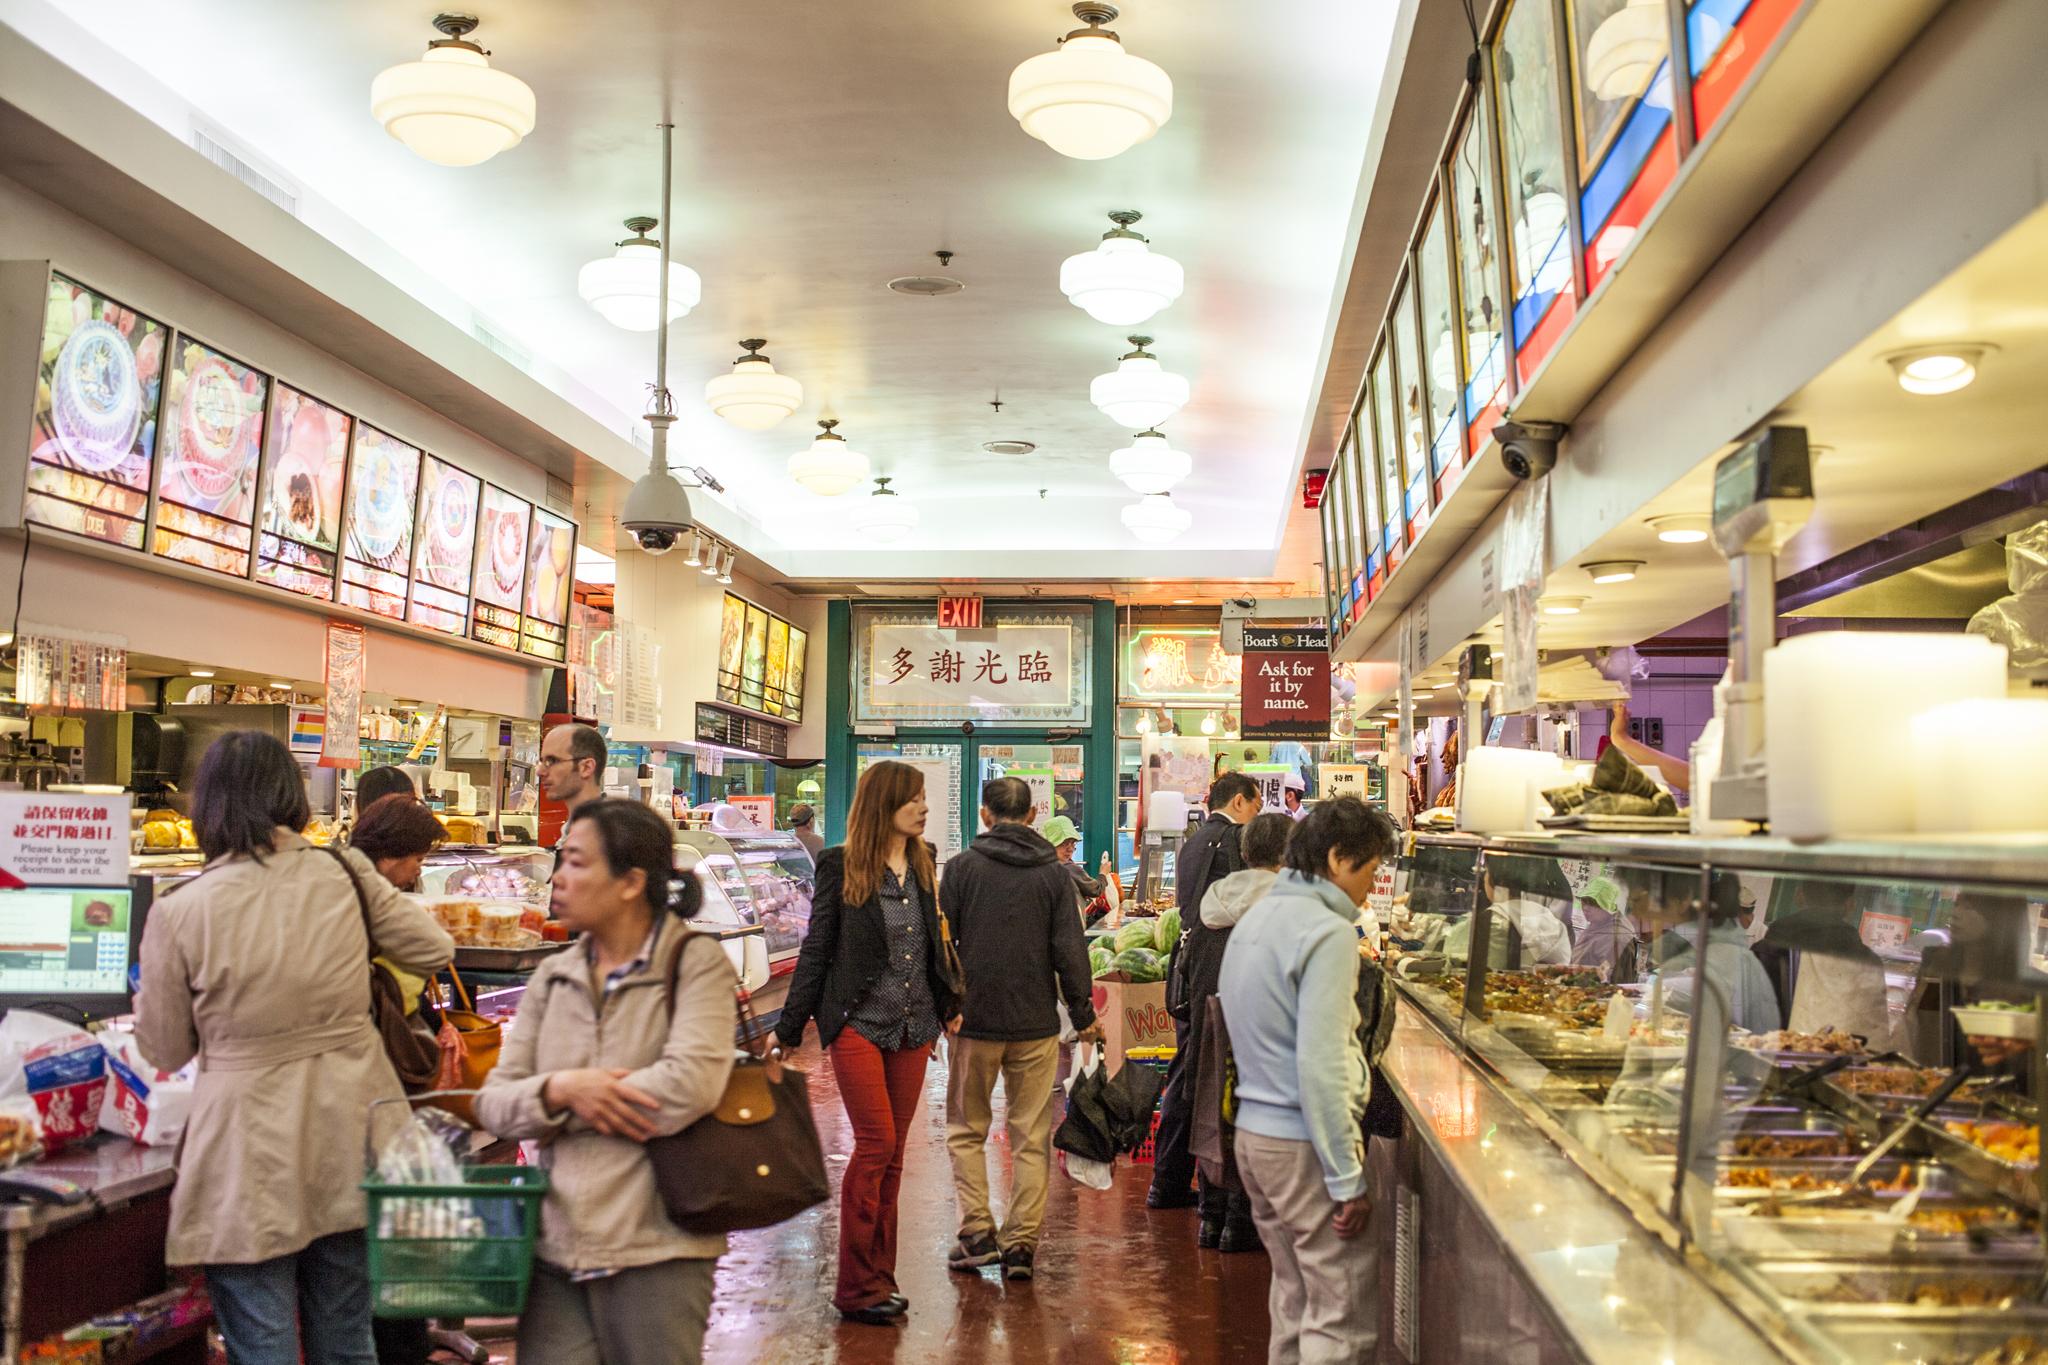 Deluxe Meat Market